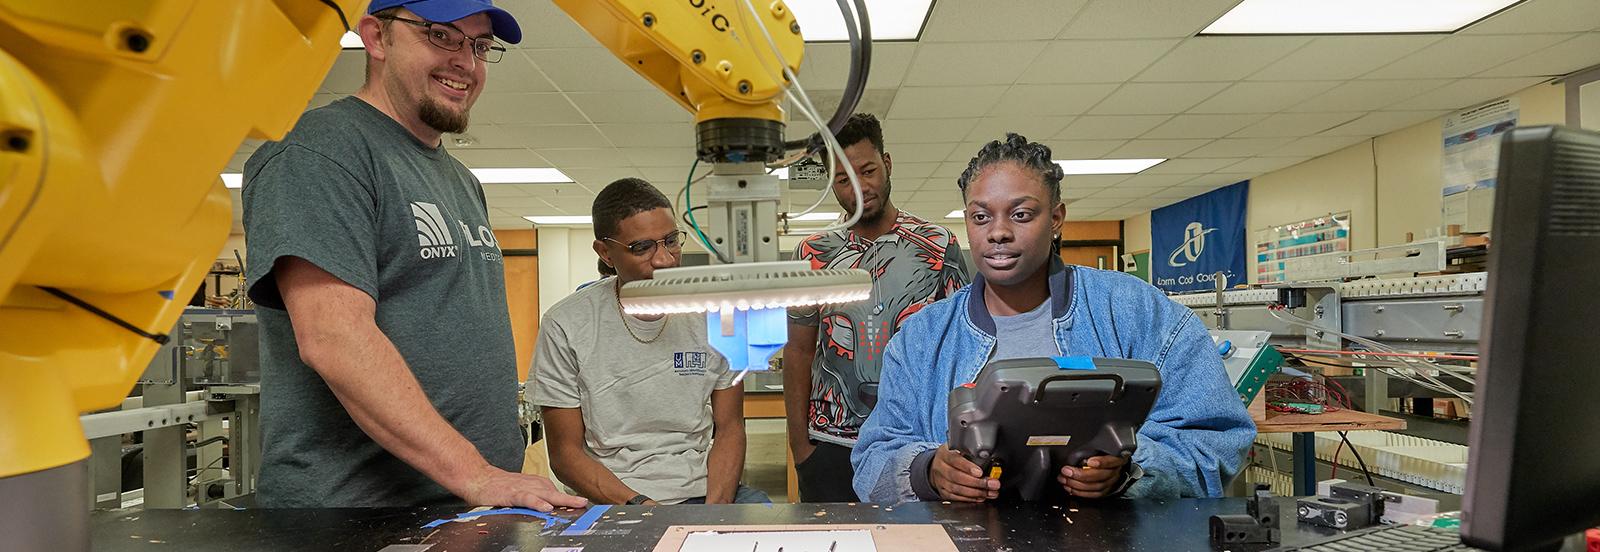 engineering robotics class